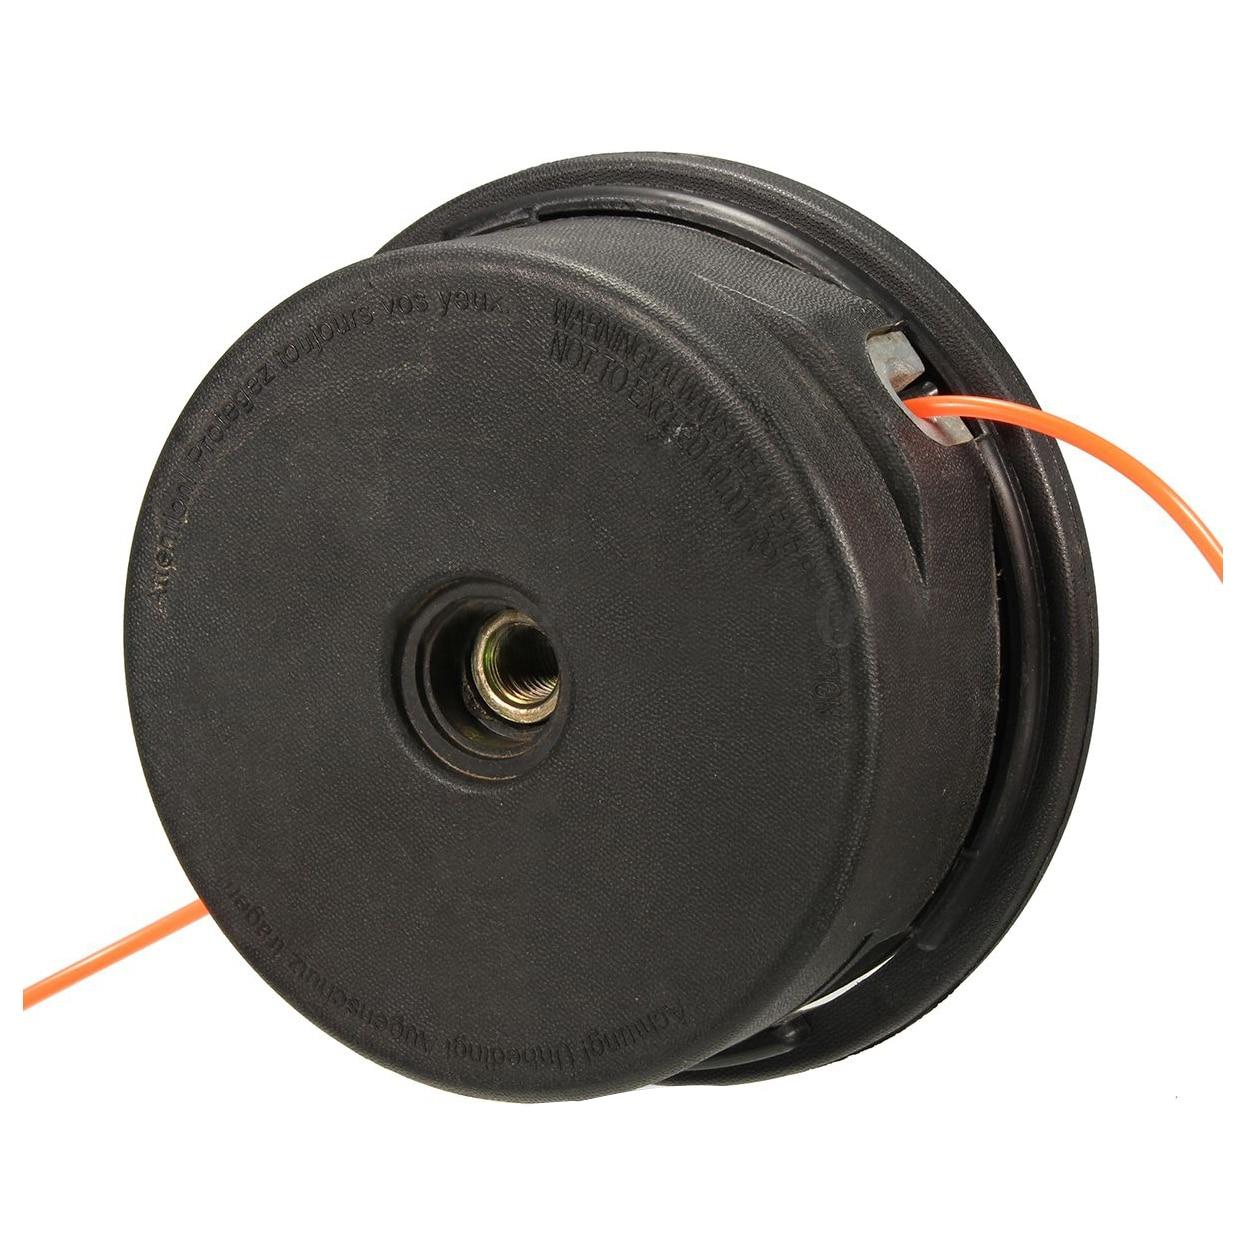 Useful #4002-710-2191 Trimmer Head For Stihl FS40 FS88 FS 90R FS100 FS100R FS106 FS108 Black<br><br>Aliexpress